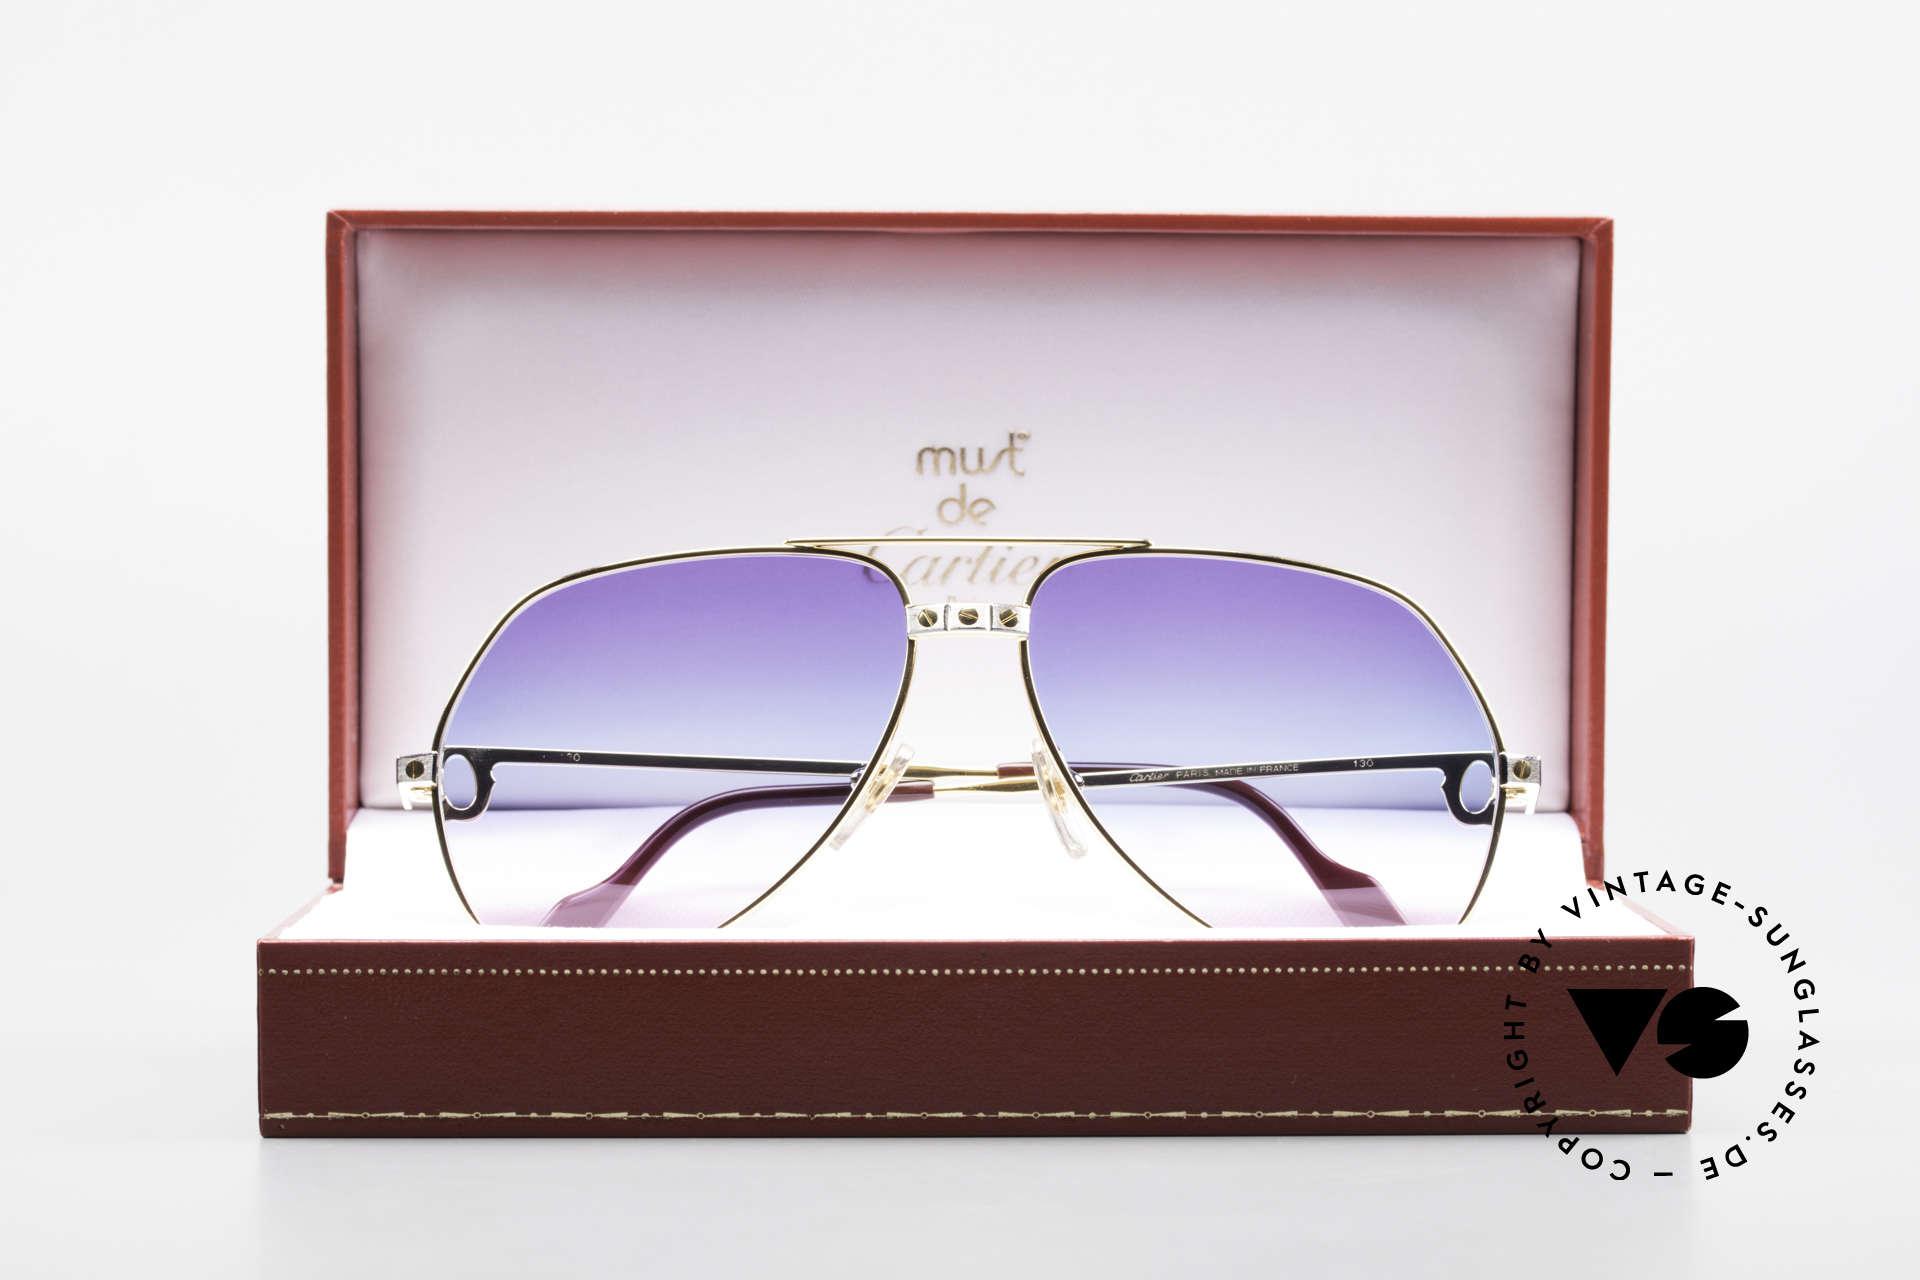 Cartier Vendome Santos - M Unikat Sammler Sonnenbrille, KEINE Retrobrille, sondern ein altes vintage ORIGINAL, Passend für Herren und Damen